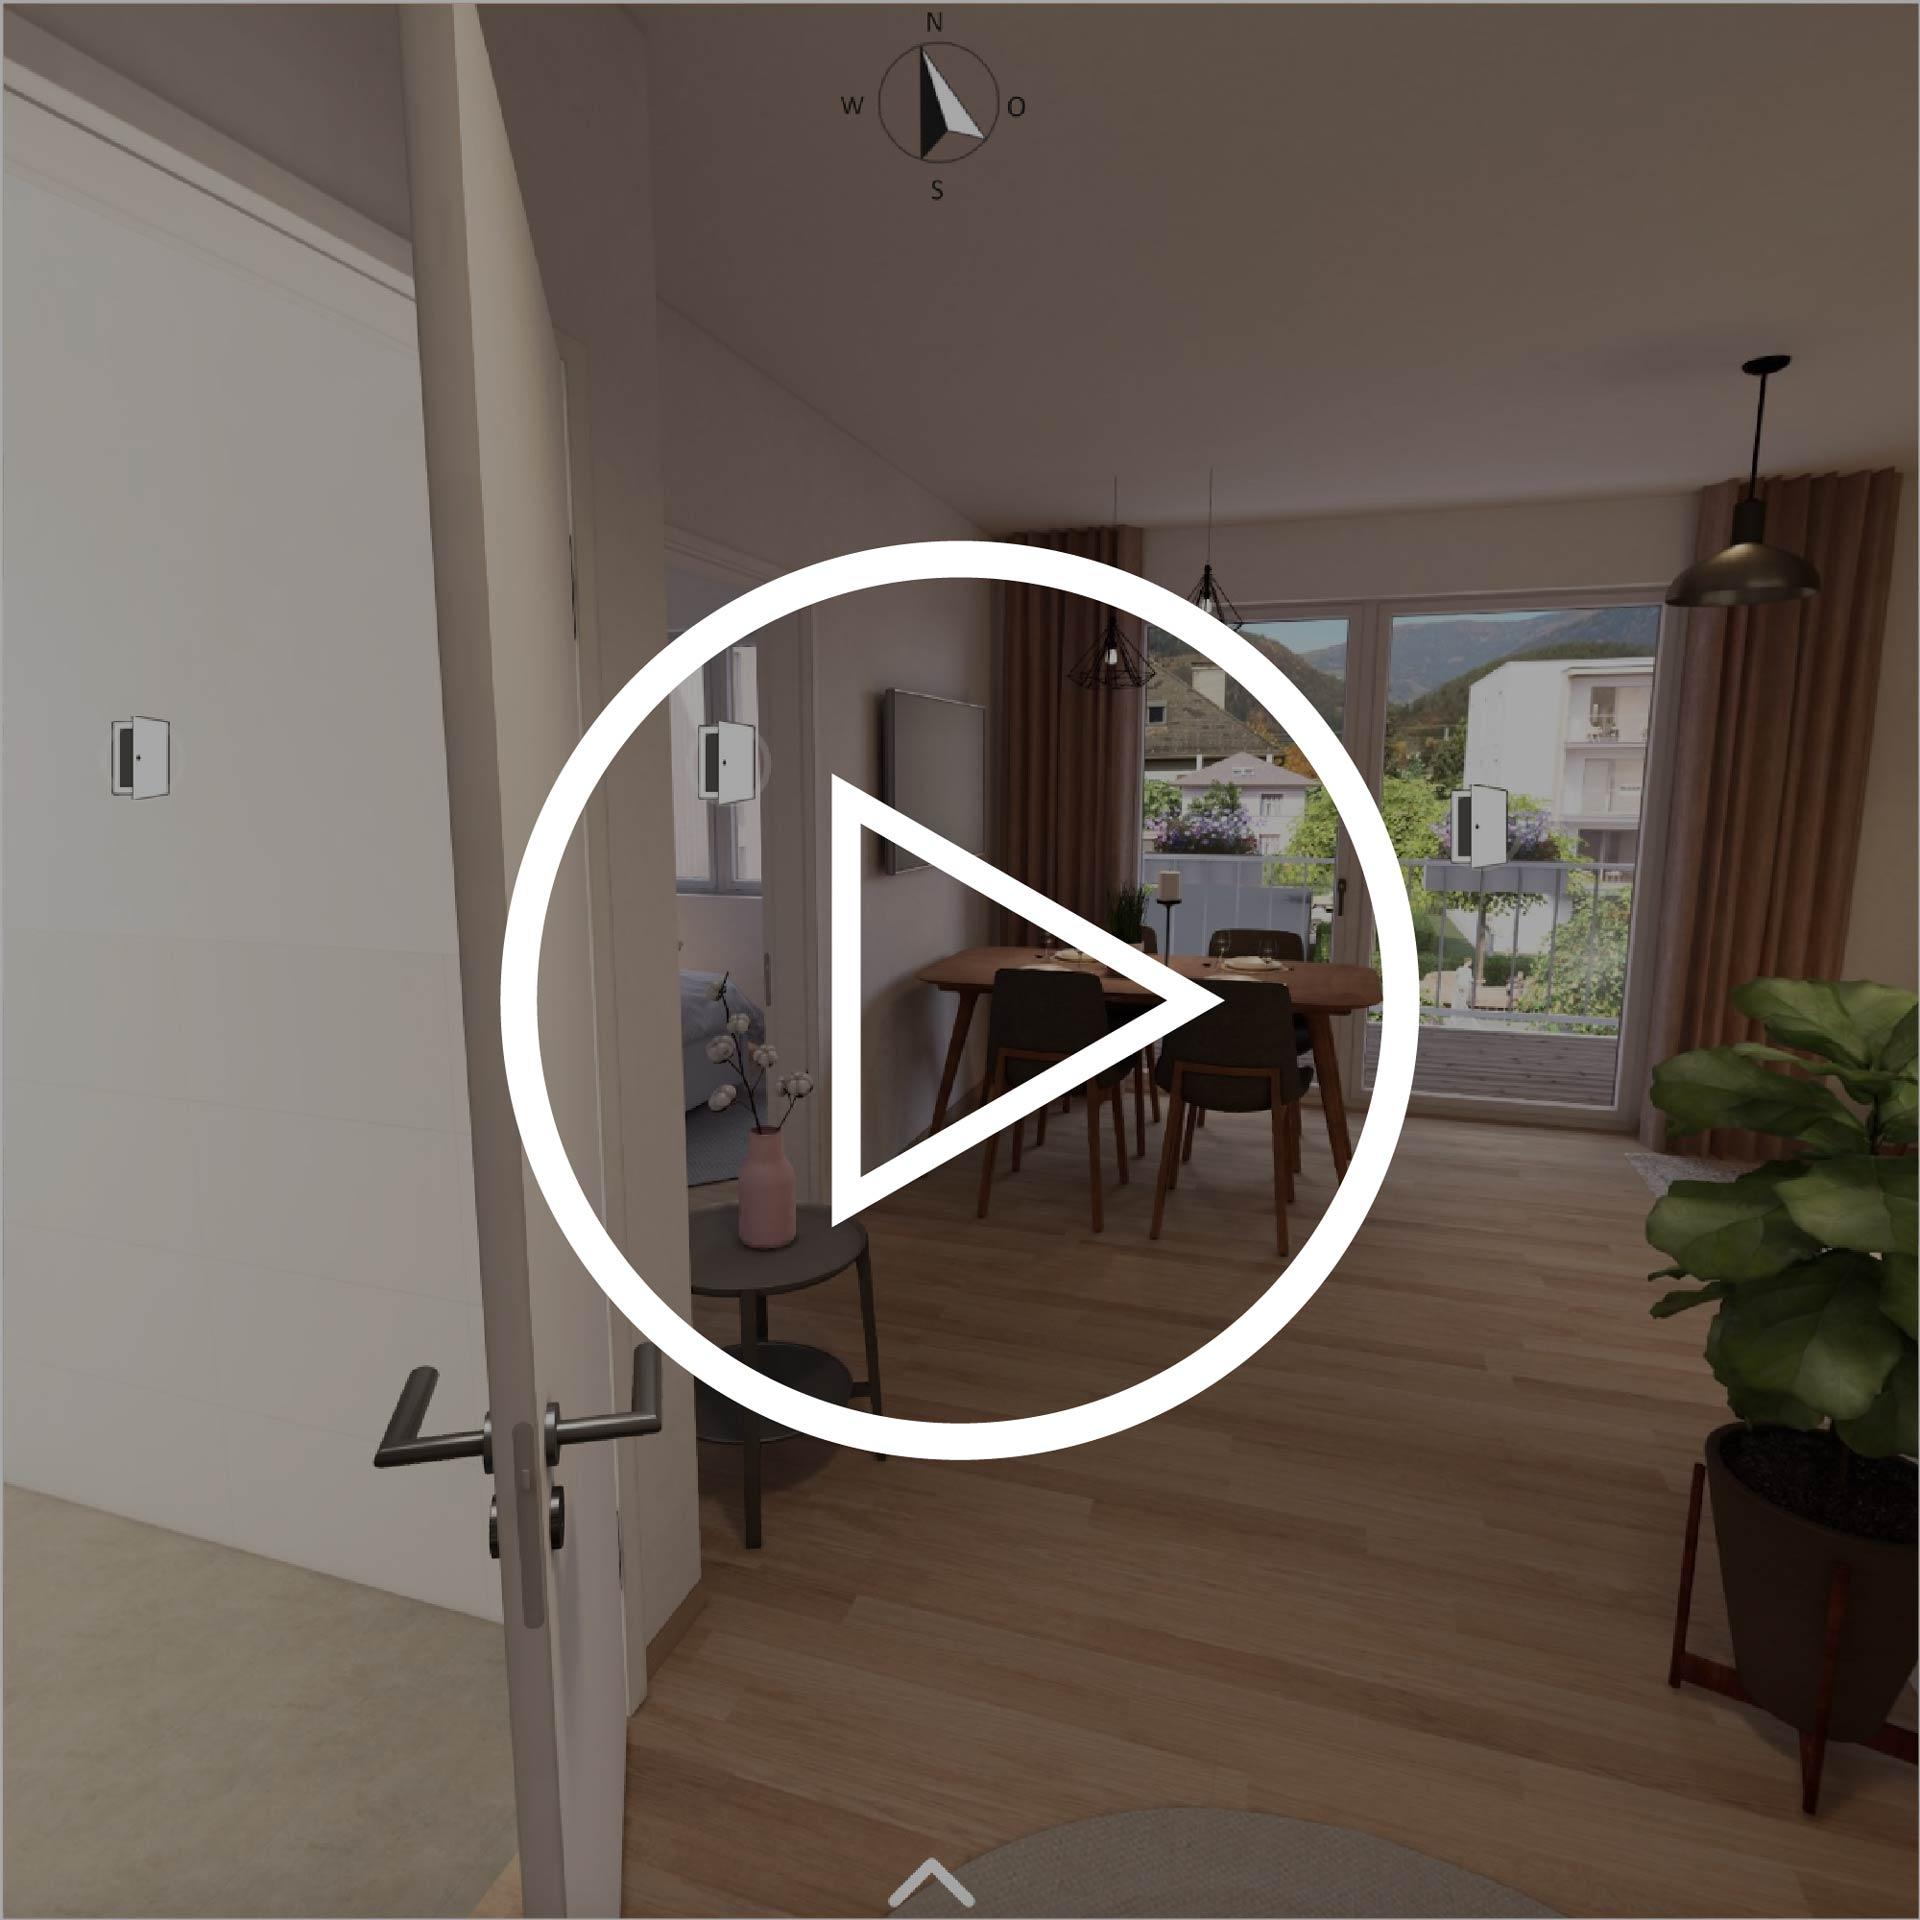 Wohnung Typ 42 Projekt Villach mit Playbutton zur Weiterleitung 3D Rundgang